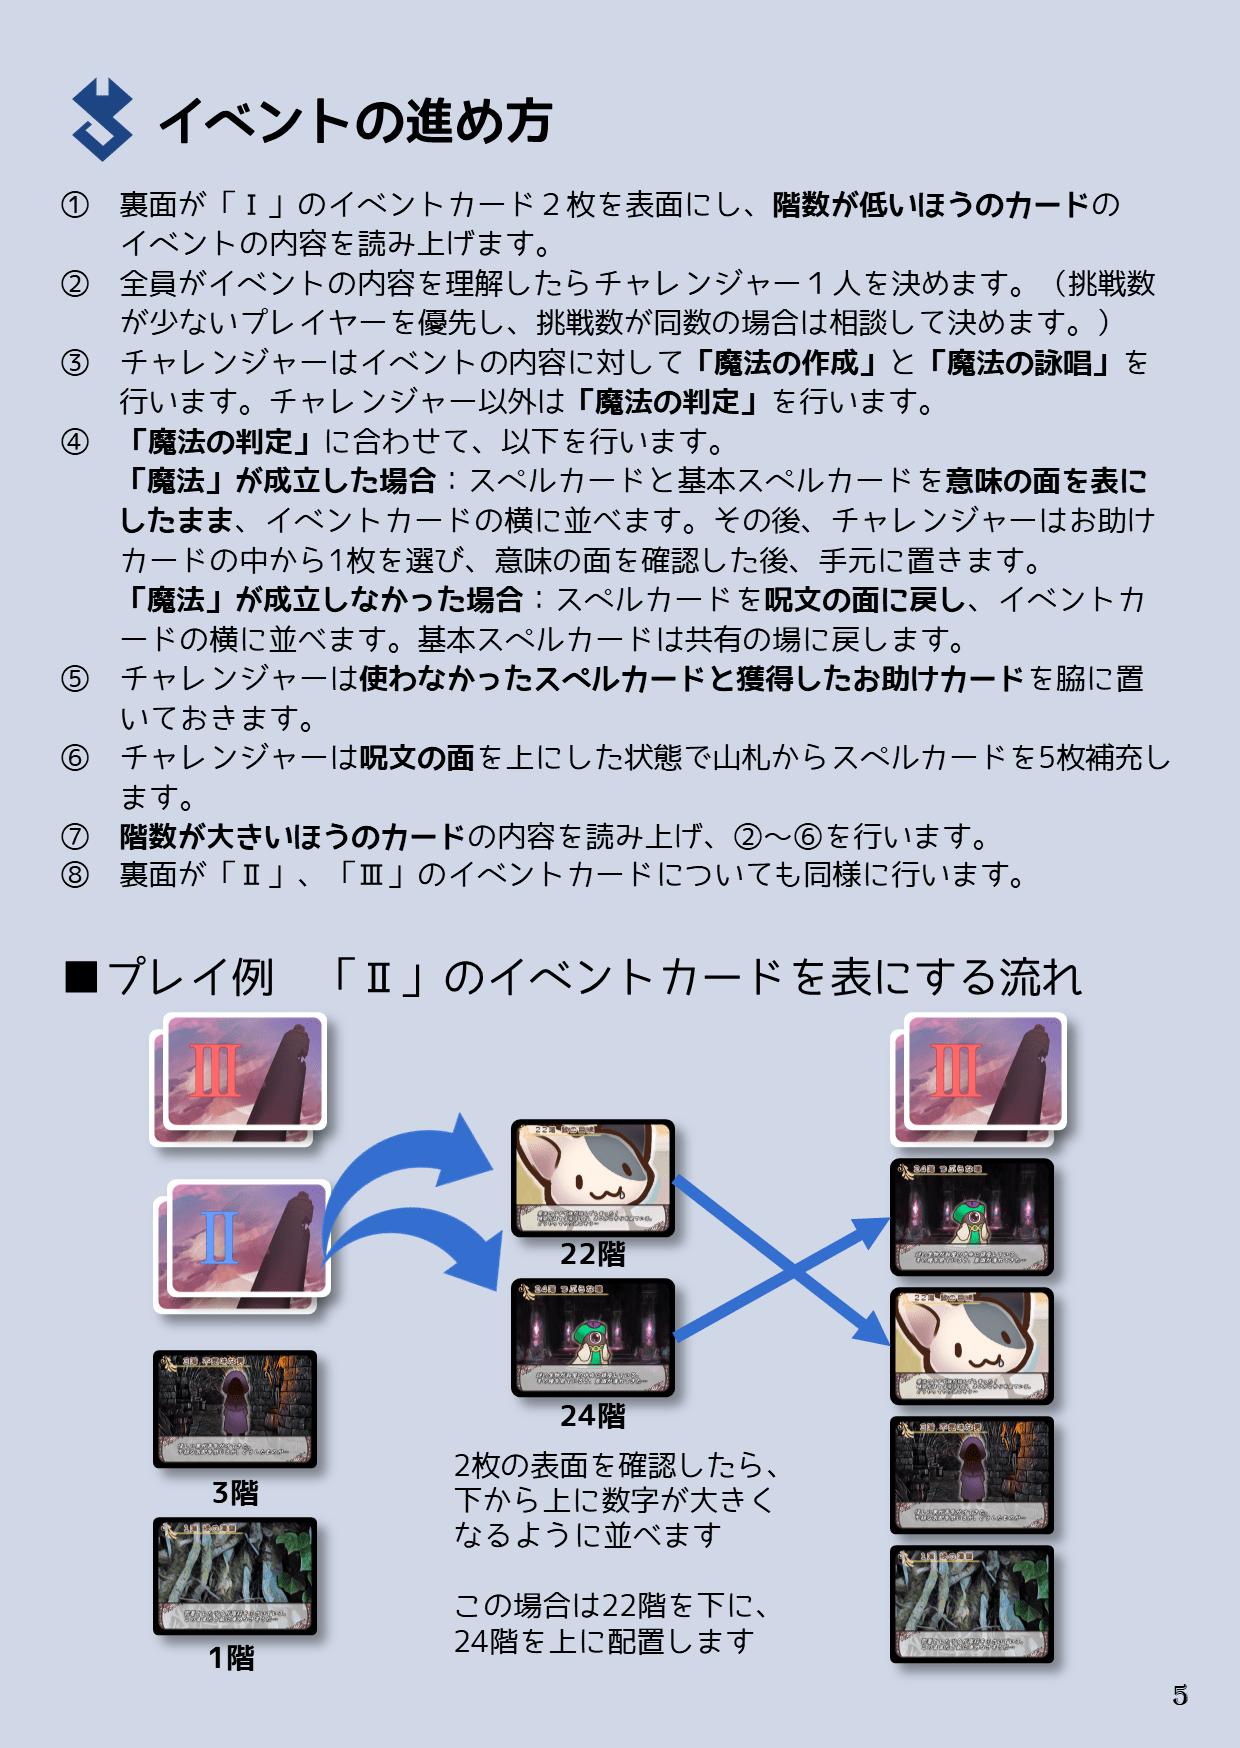 説明書5P